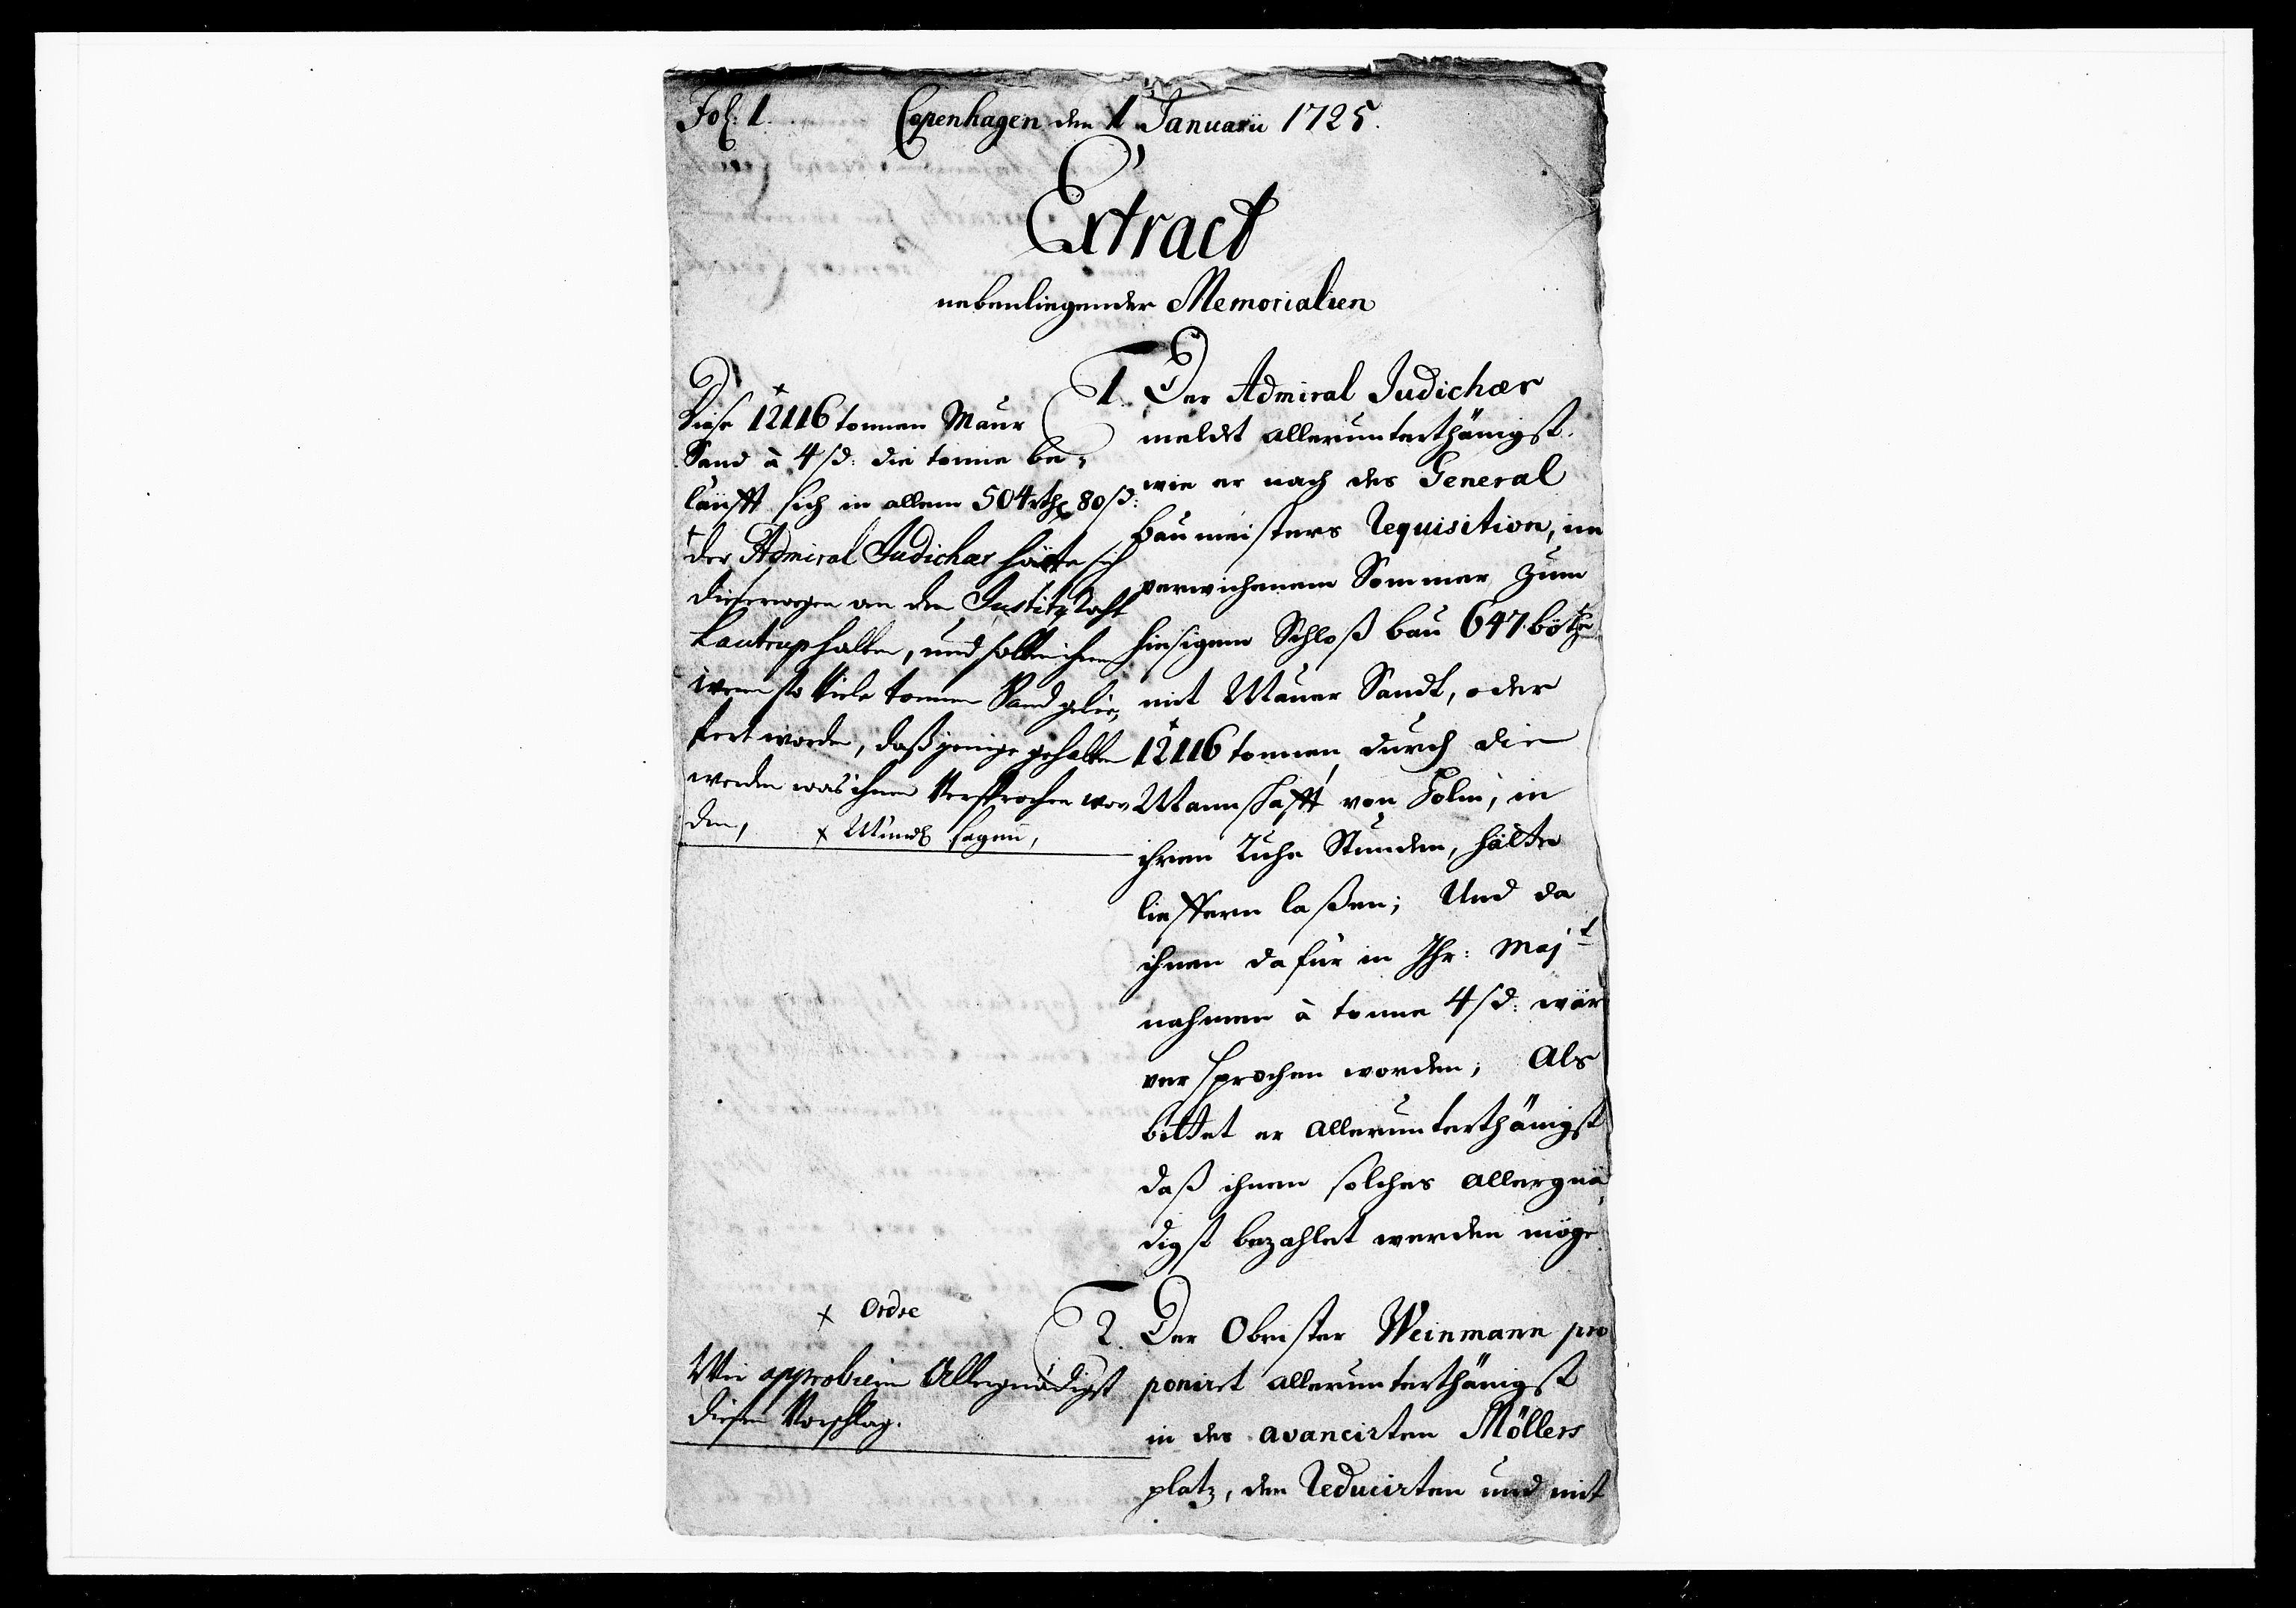 DRA, Krigskollegiet, Krigskancelliet, -/1075-1077: Refererede sager, 1725, s. 2